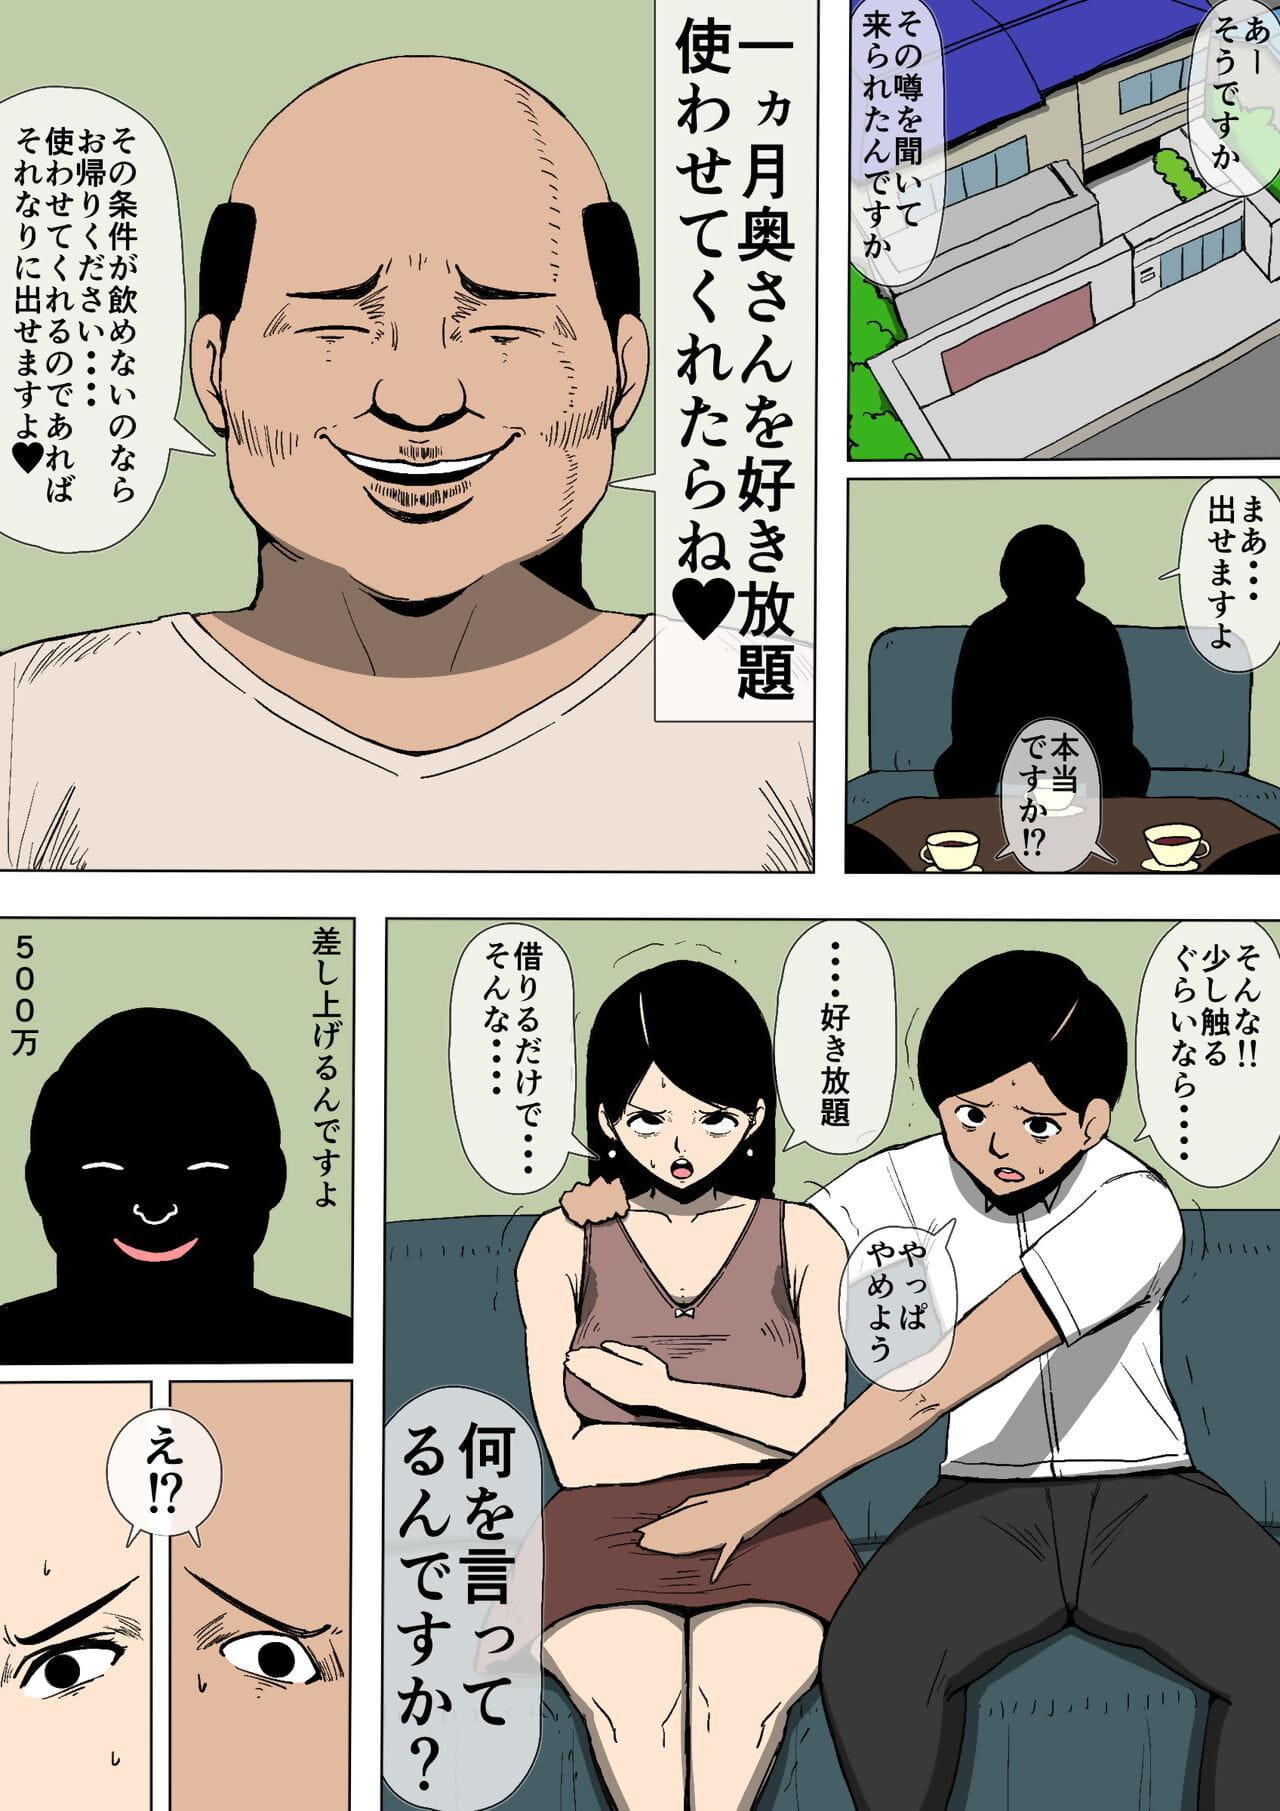 Doujin Mukashibanashi Tsuma ga Hentai spoonful Omocha ni